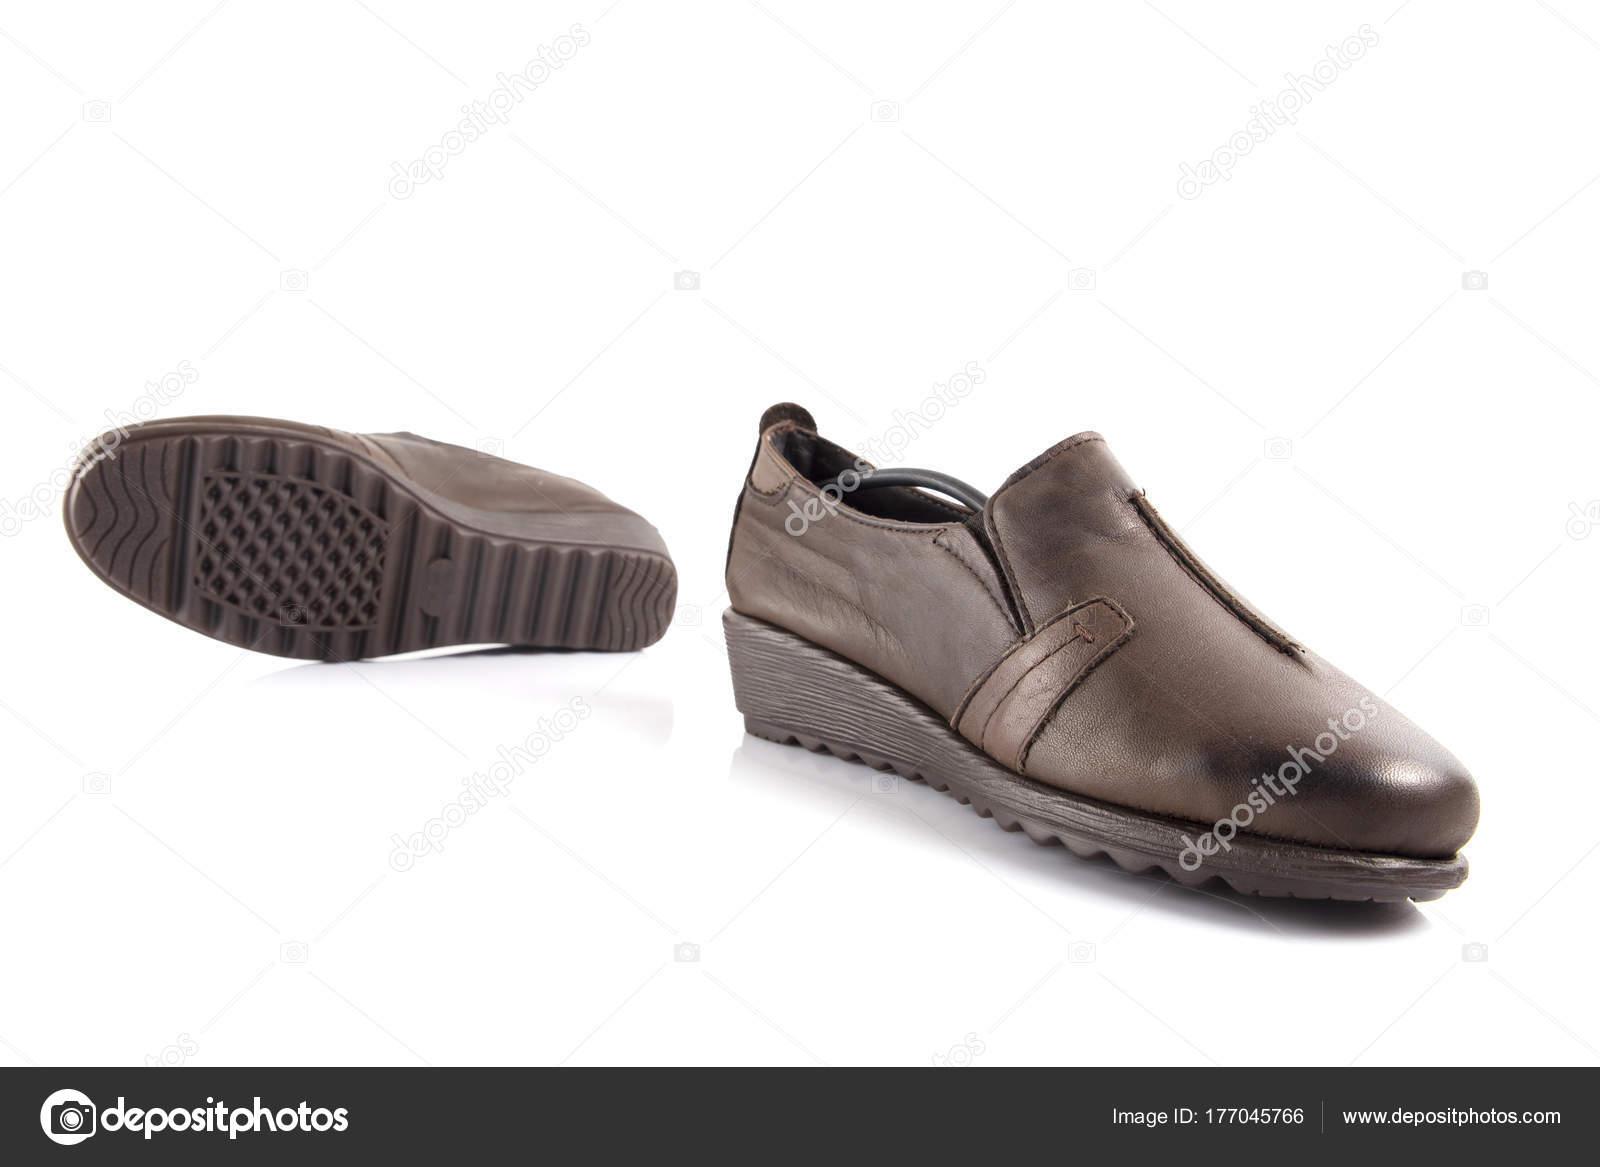 Mujer Marrón Blanco Cuero Sobre Zapatos Producto Aislado Fondo ucK3TFJ1l